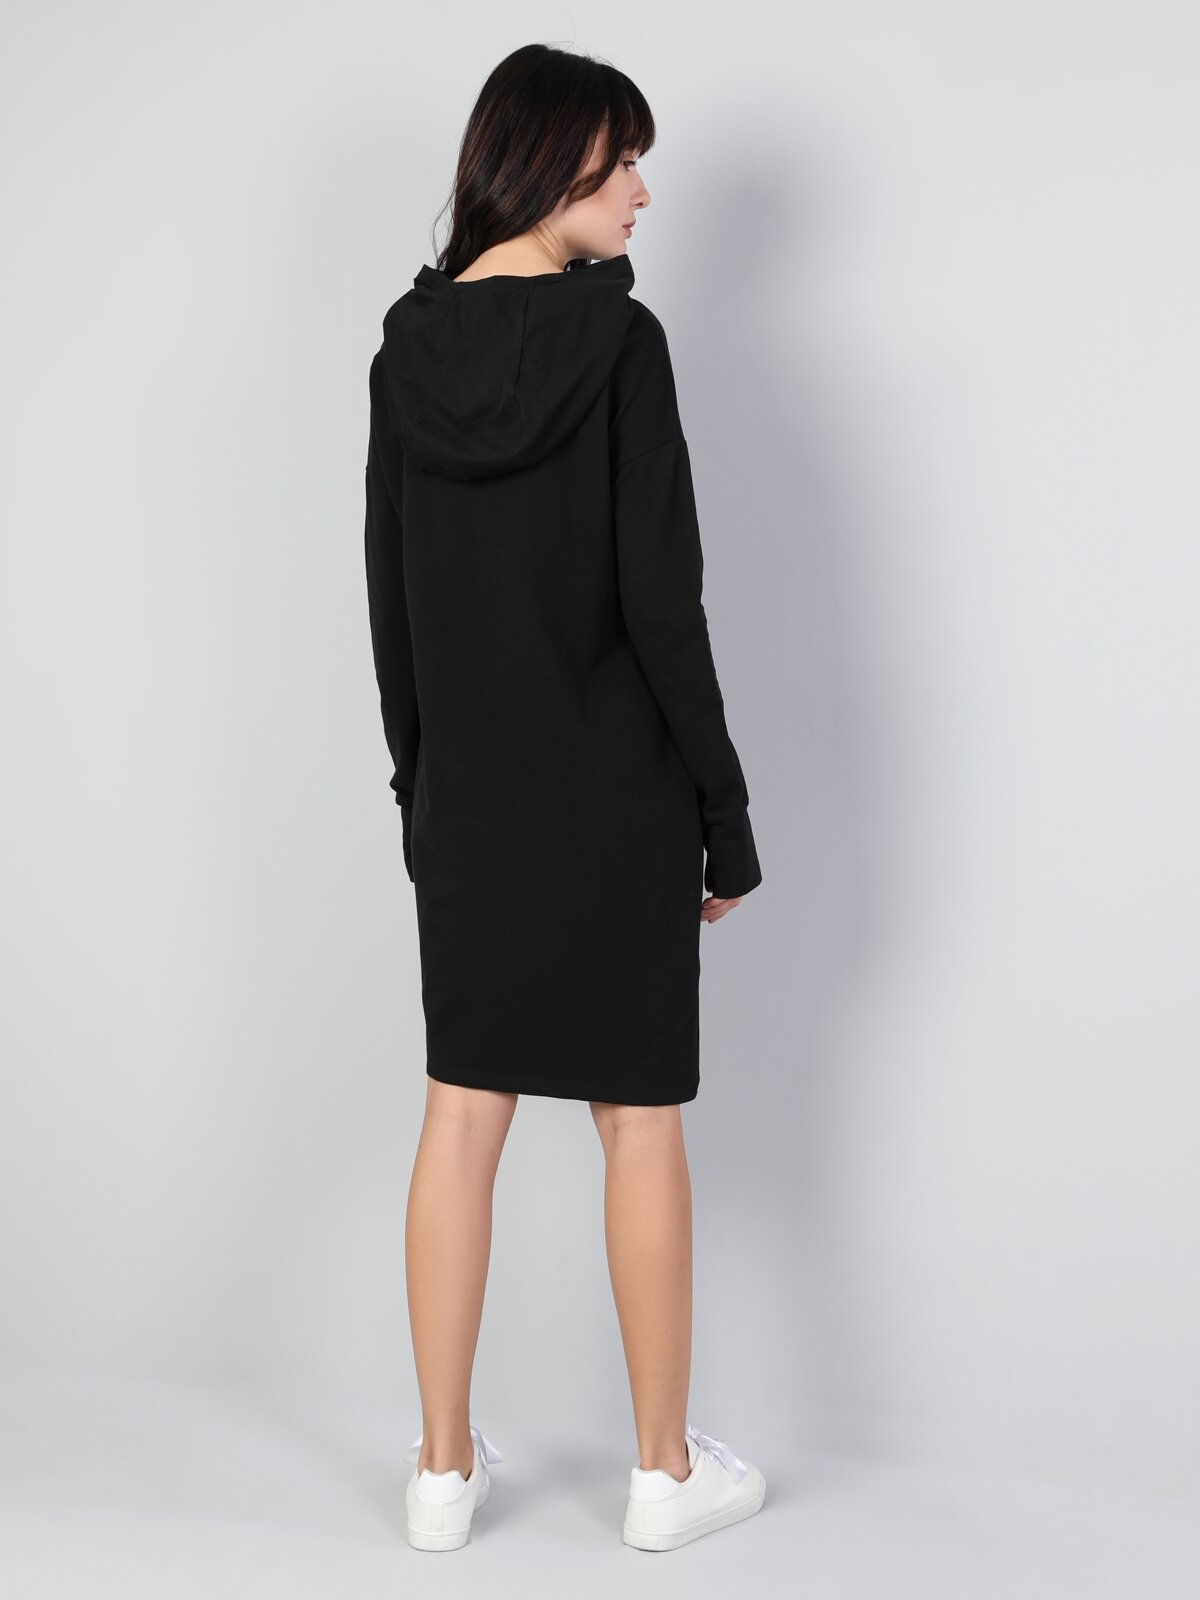 Kadın Elbise